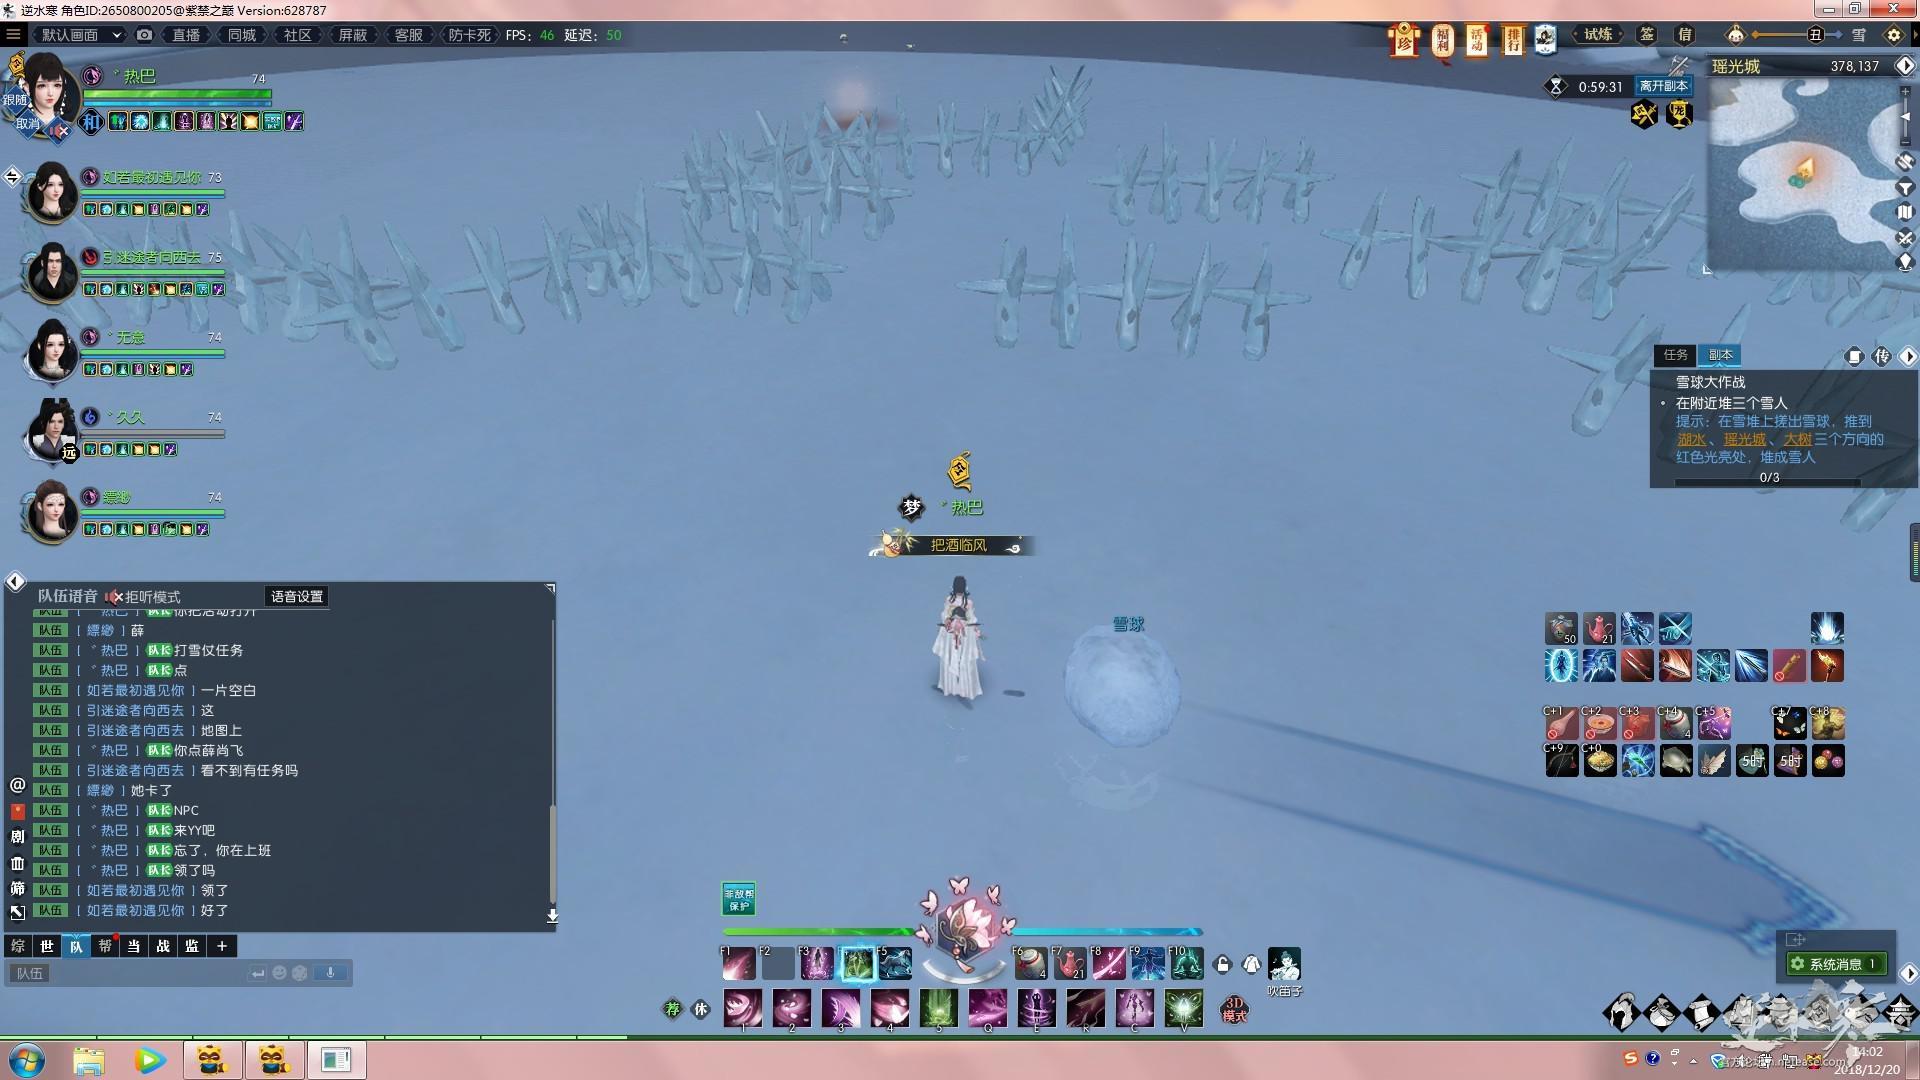 逆水寒冬节活动攻略 雪球大作战取胜诀窍